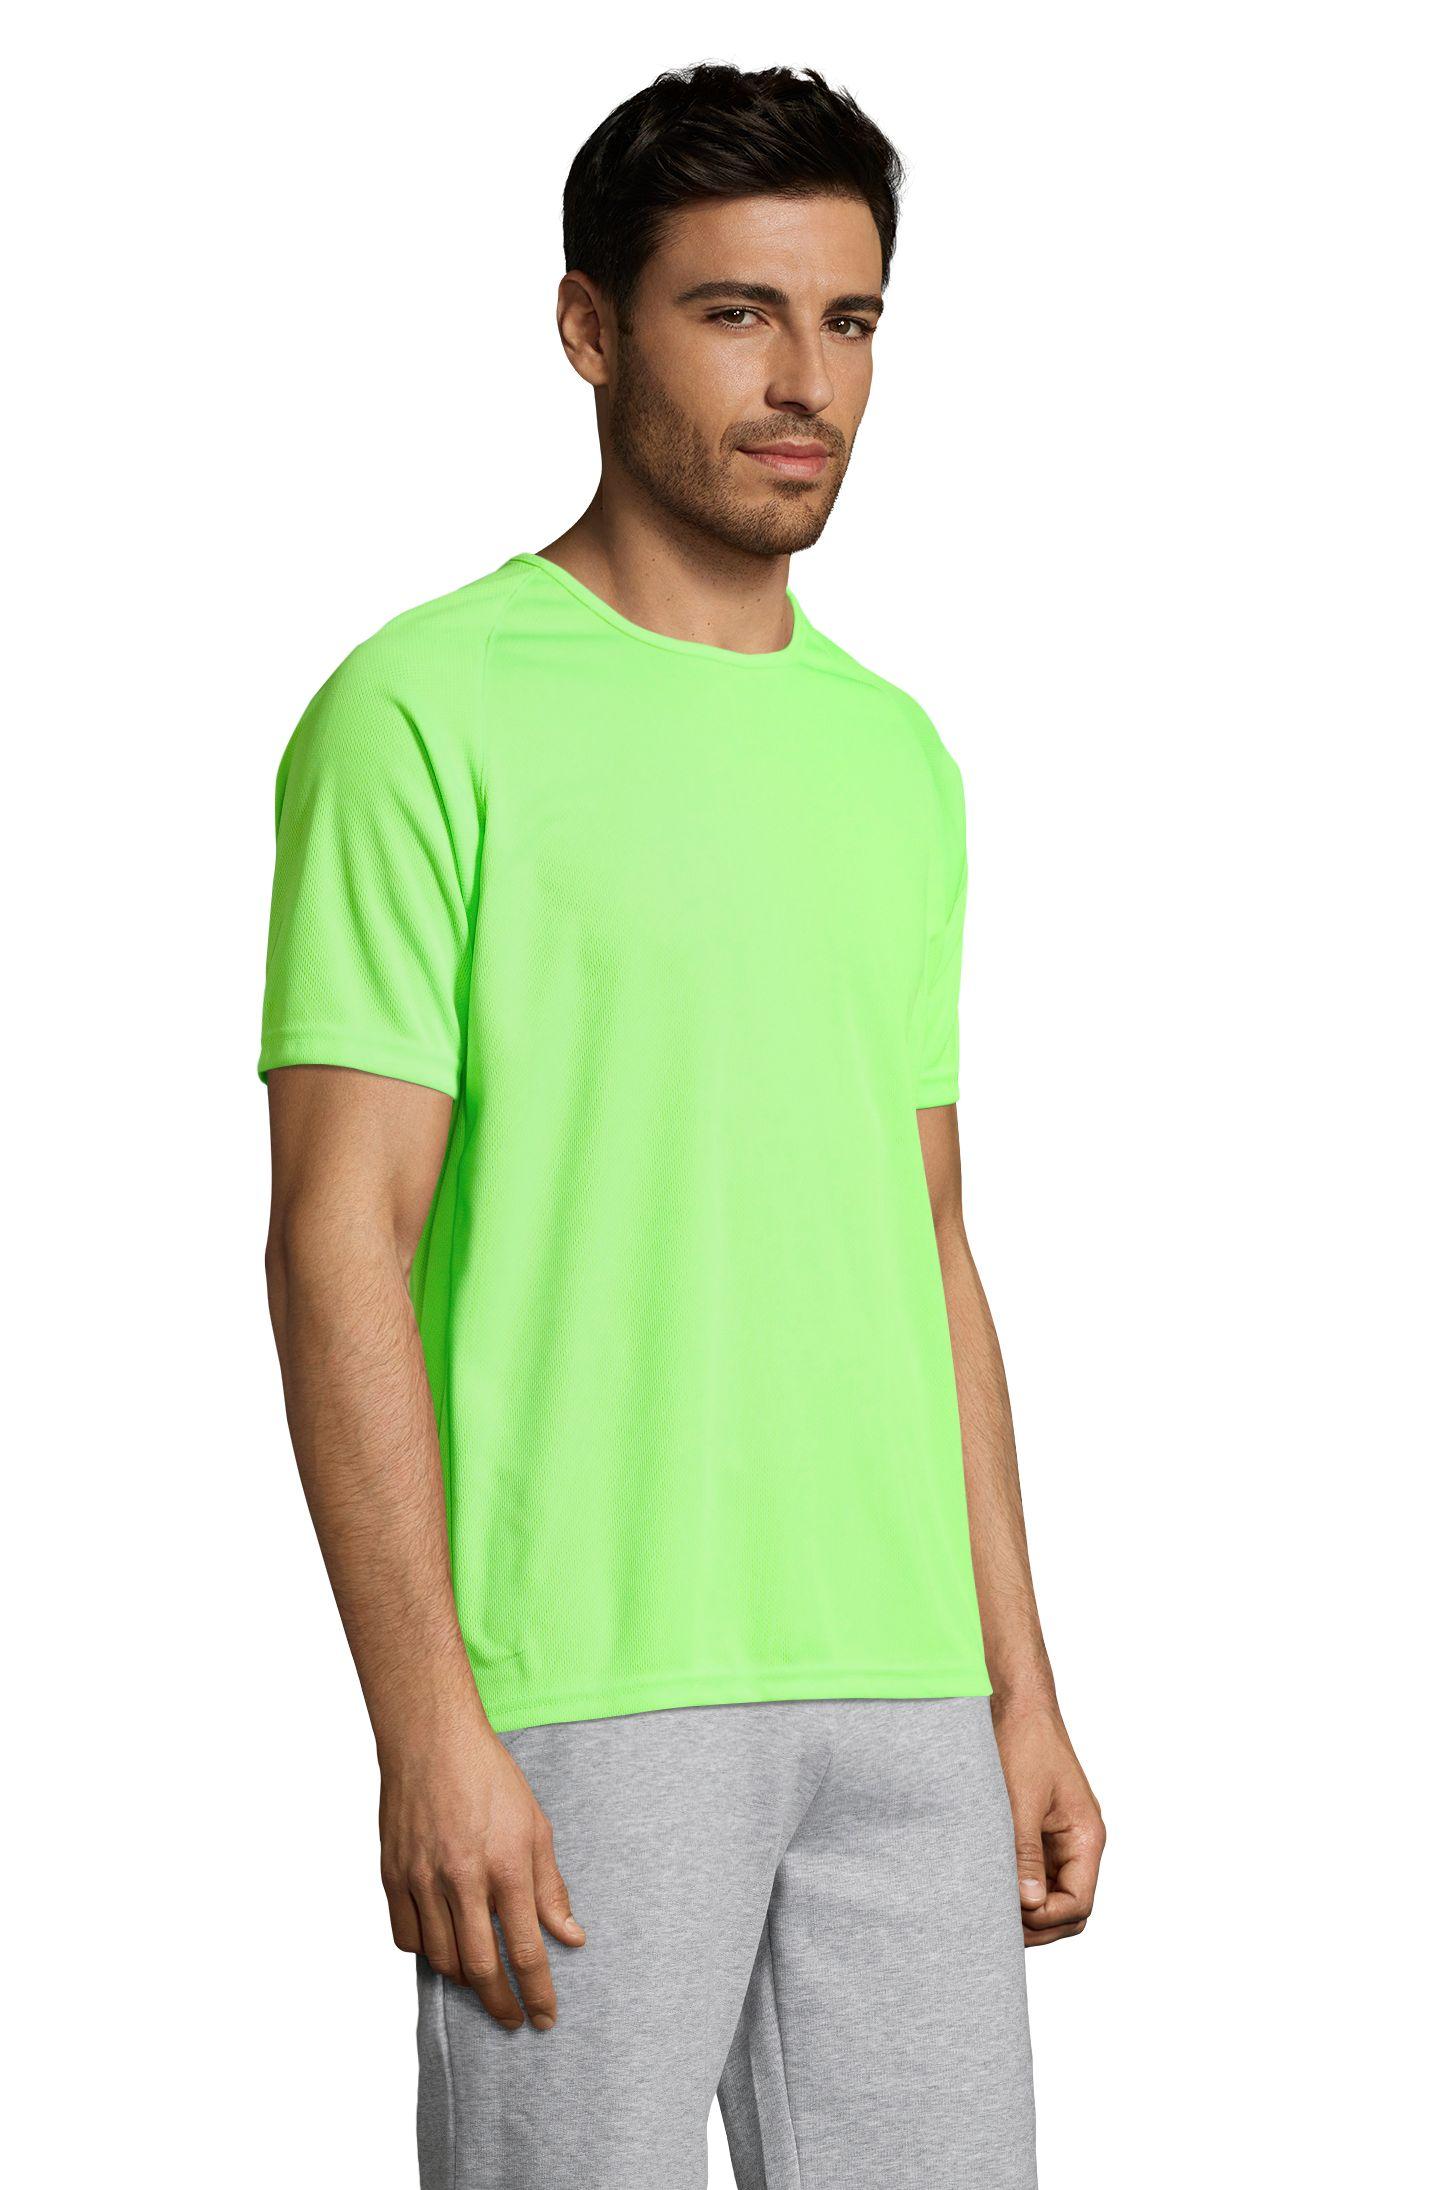 286 - Vert fluo